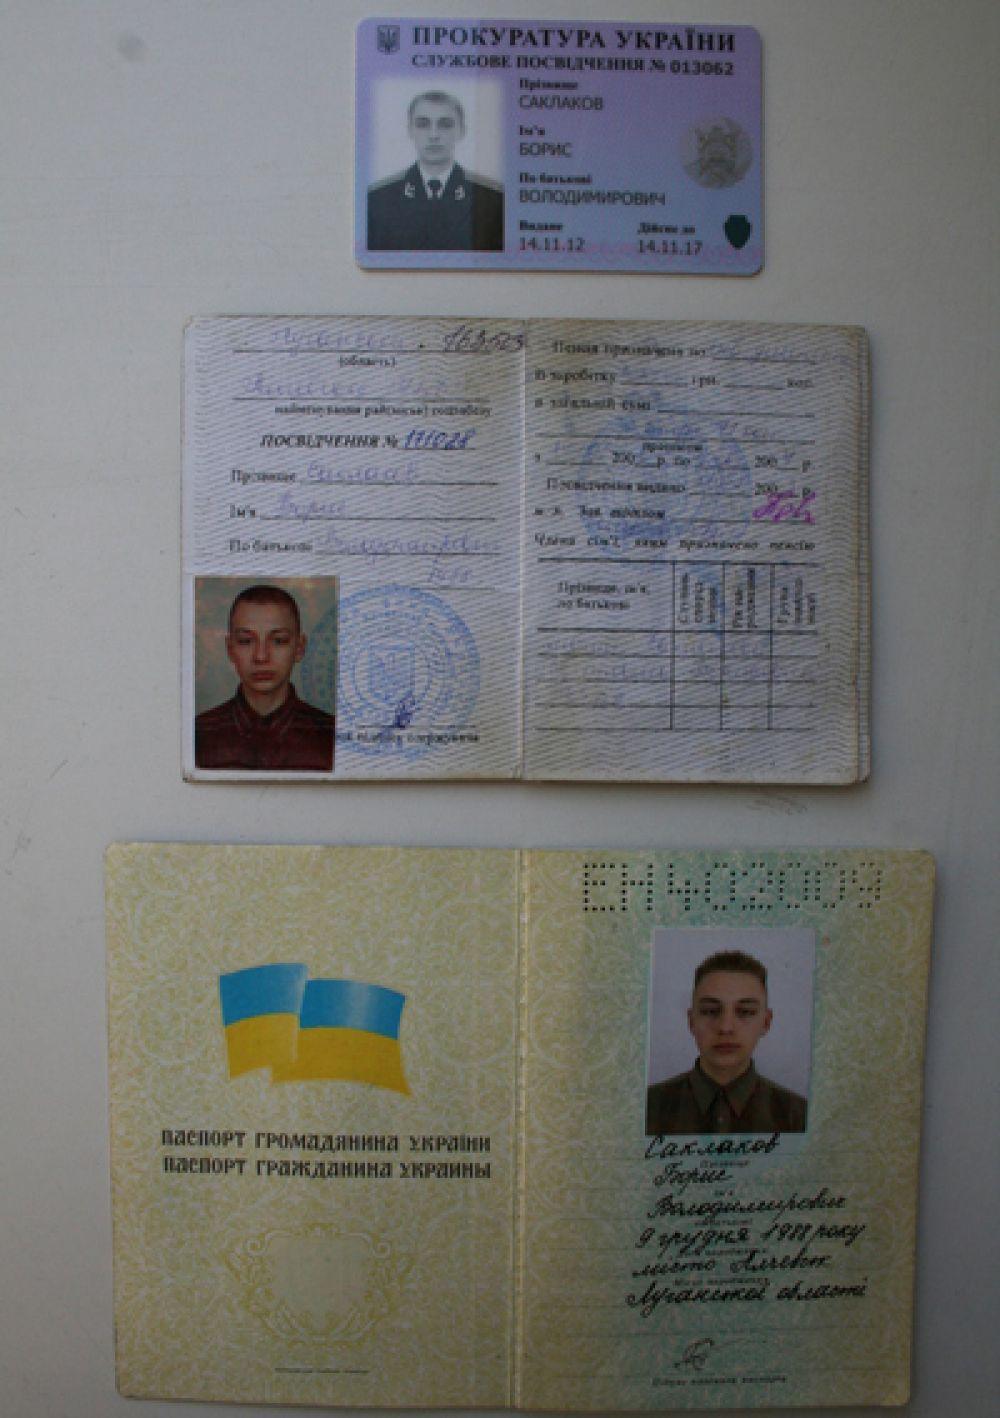 Удостоверение донского казака и паспорт гражданина Украины